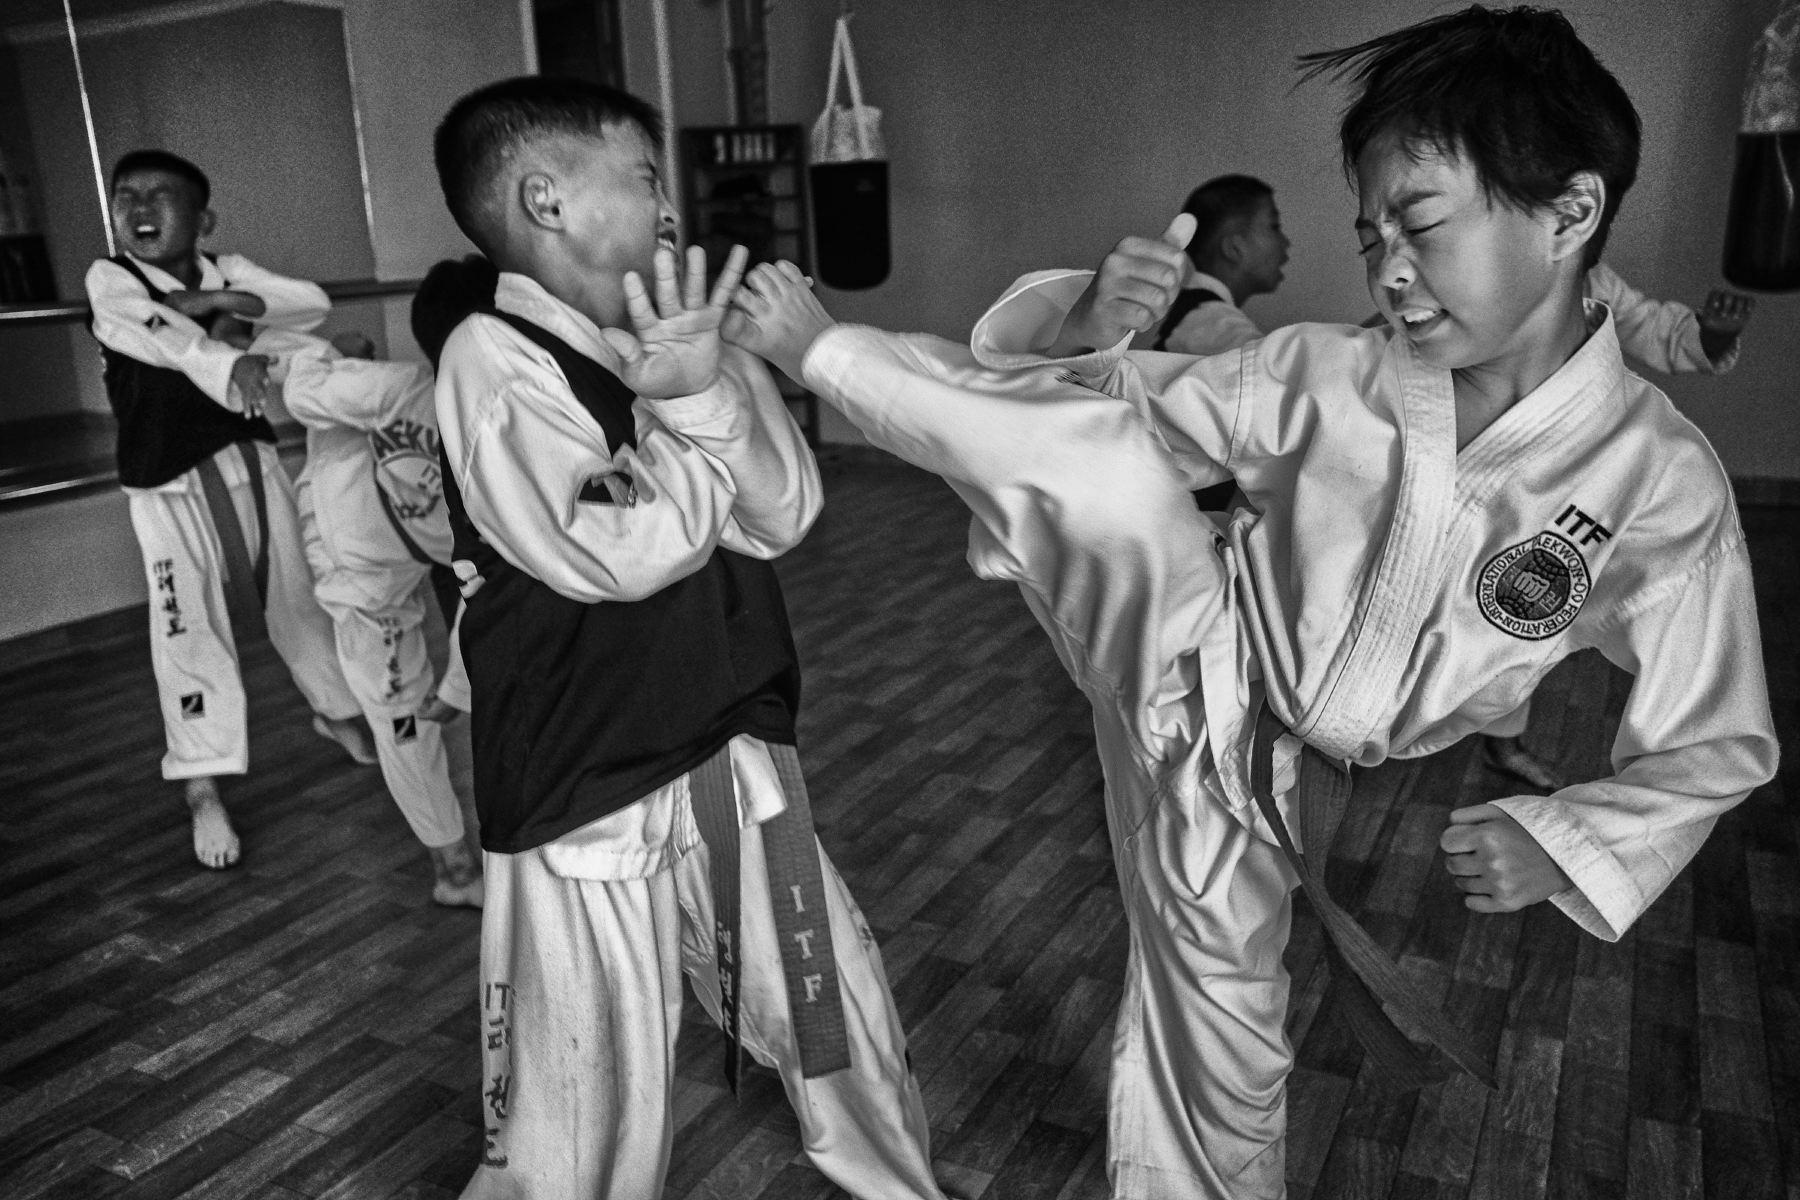 Alain_Schroeder_Taekwondo _North_Korea_Style_02.JPG